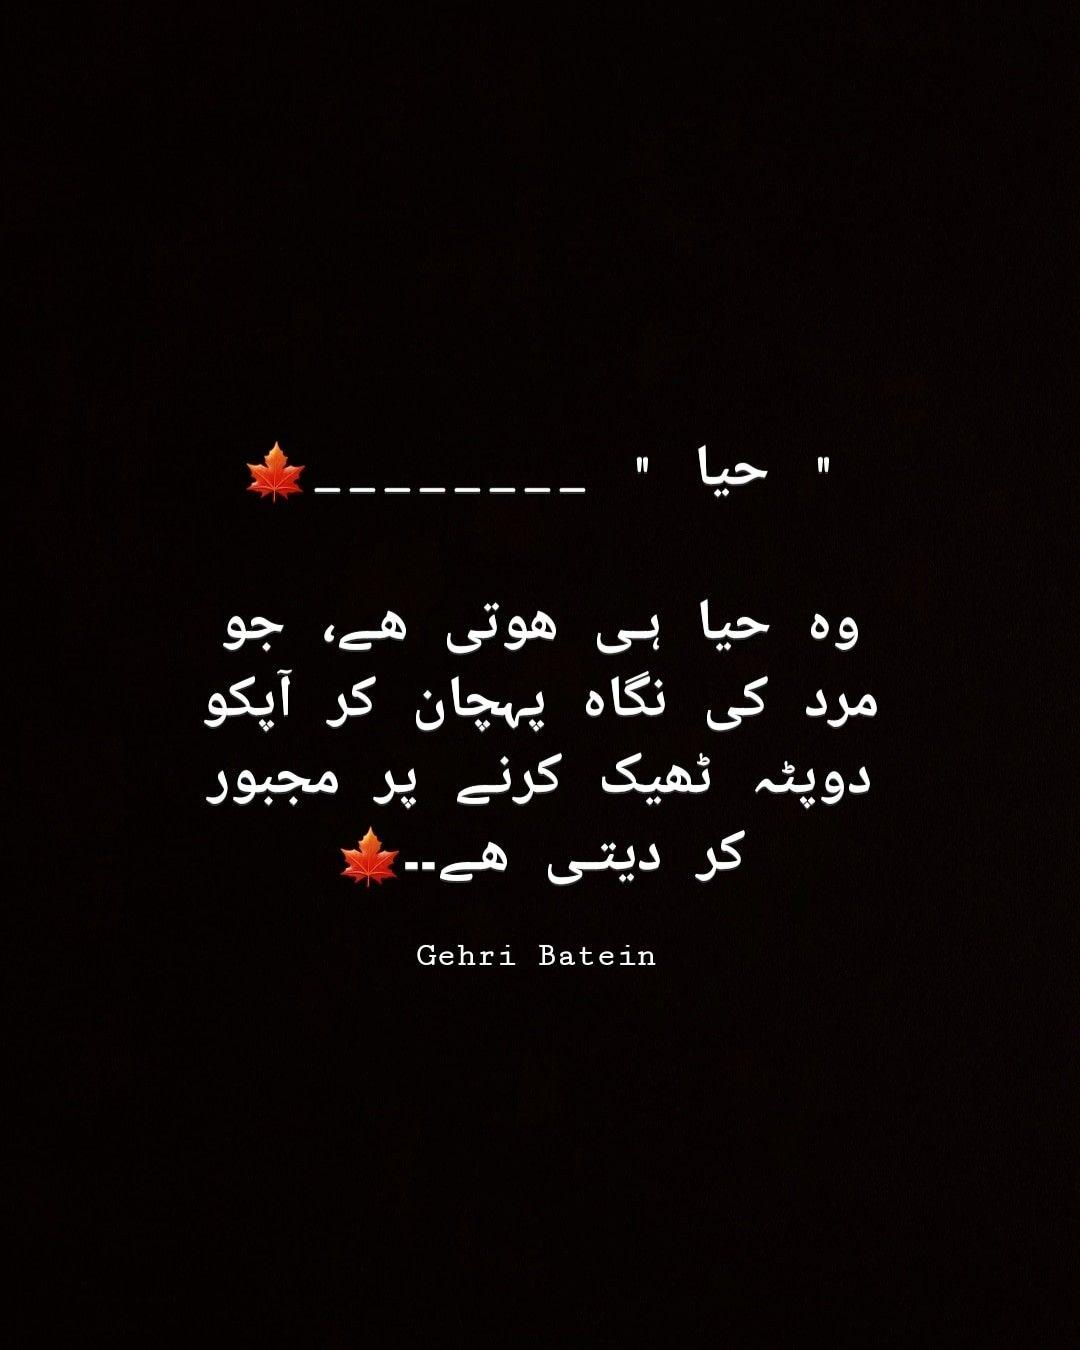 Gehri batein | Urdu Poetry | Urdu quotes, Urdu poetry, Quotes from